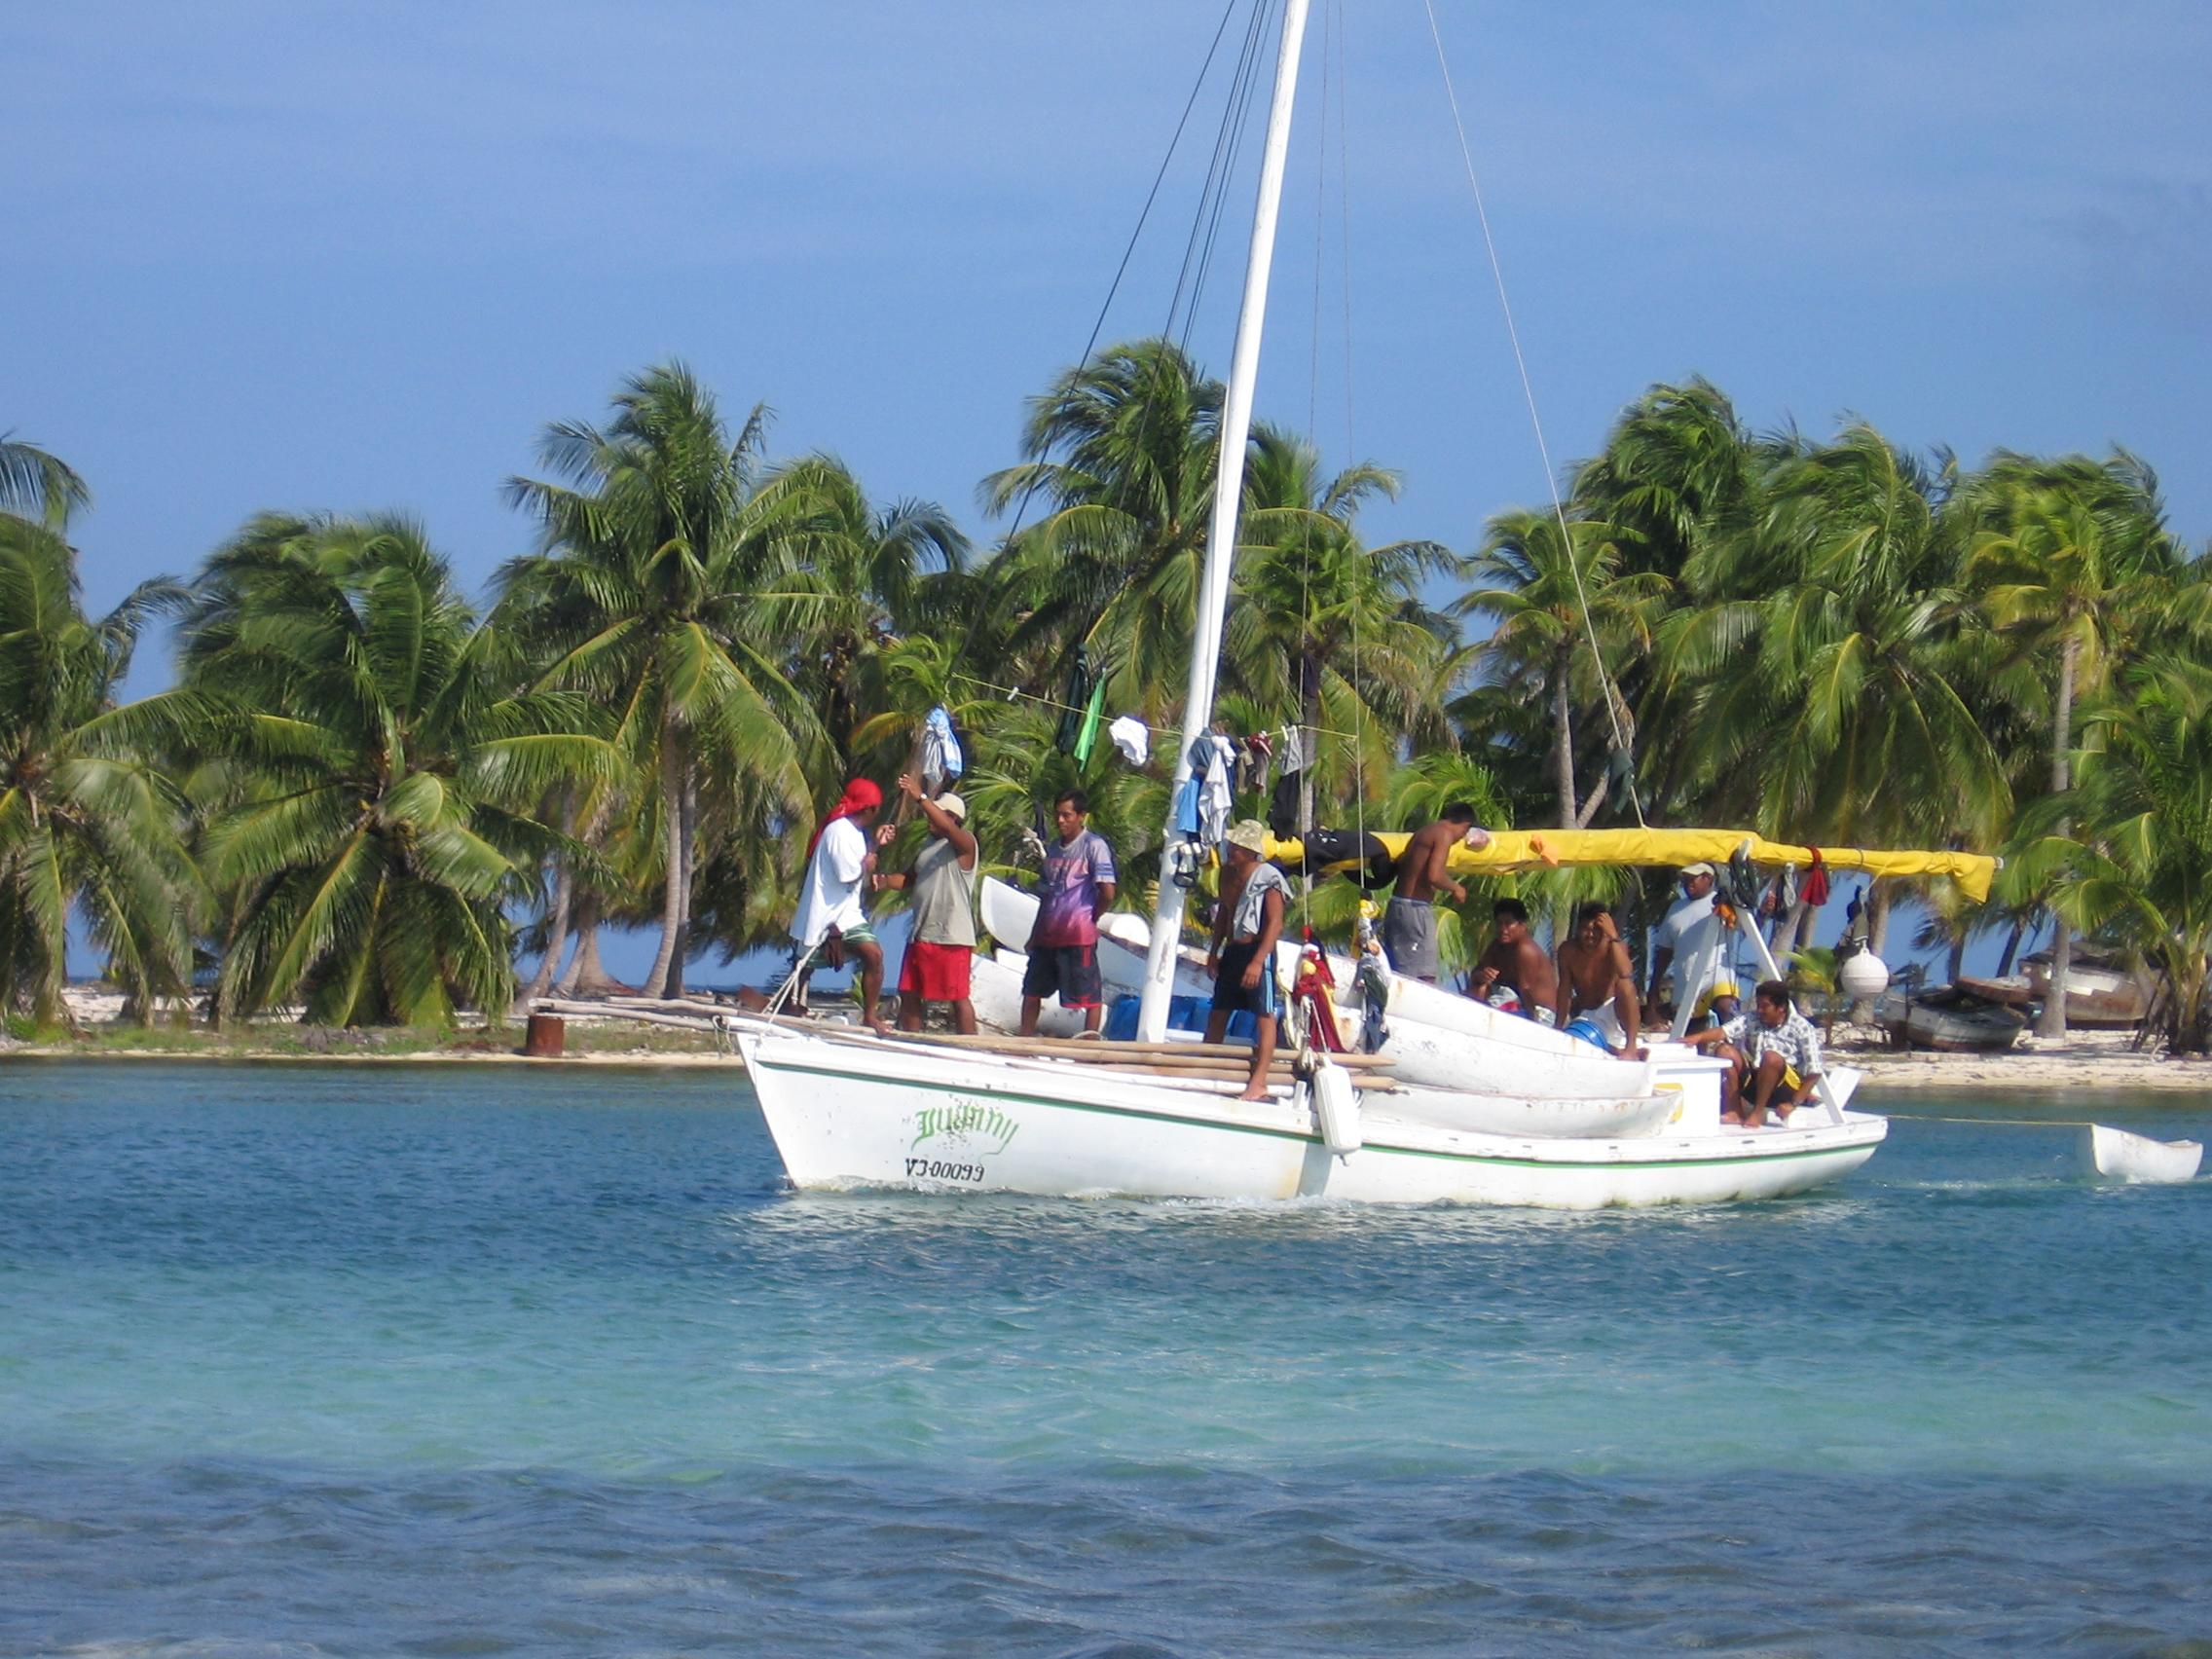 fishermen_Julie Robinson_Lighthouse Reef_Belize2007.JPG